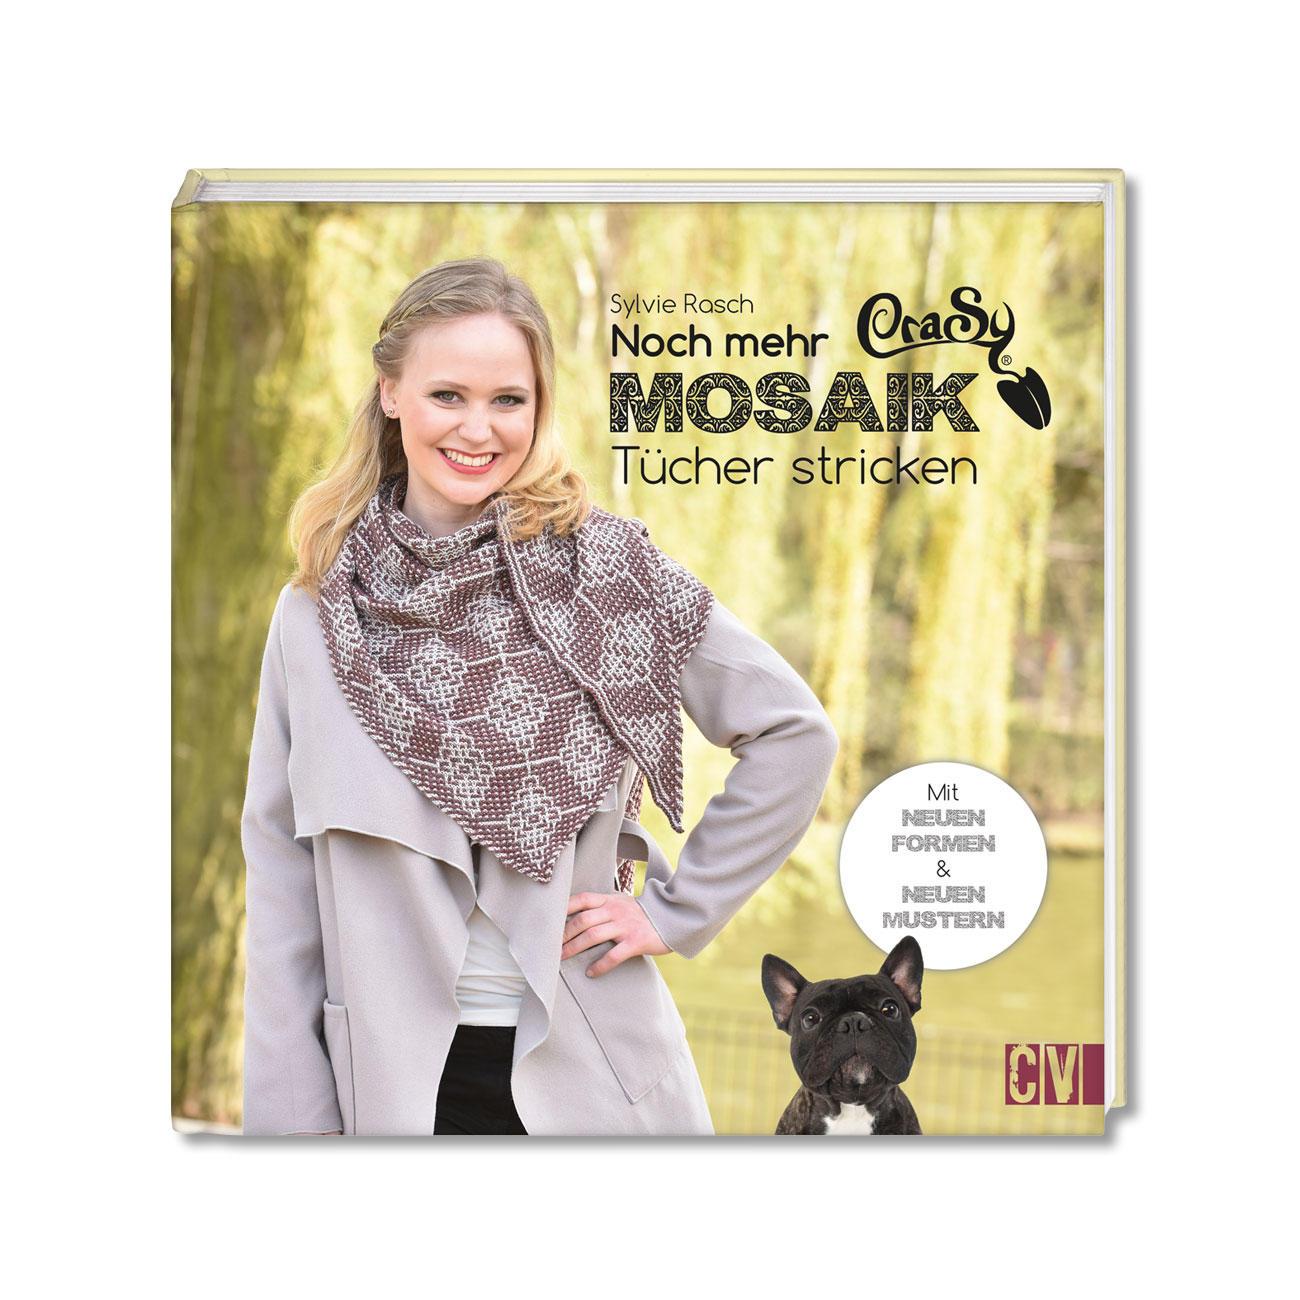 Buch Crasy Mosaik Noch Mehr Tücher Wir Lieben Crasy Tücher